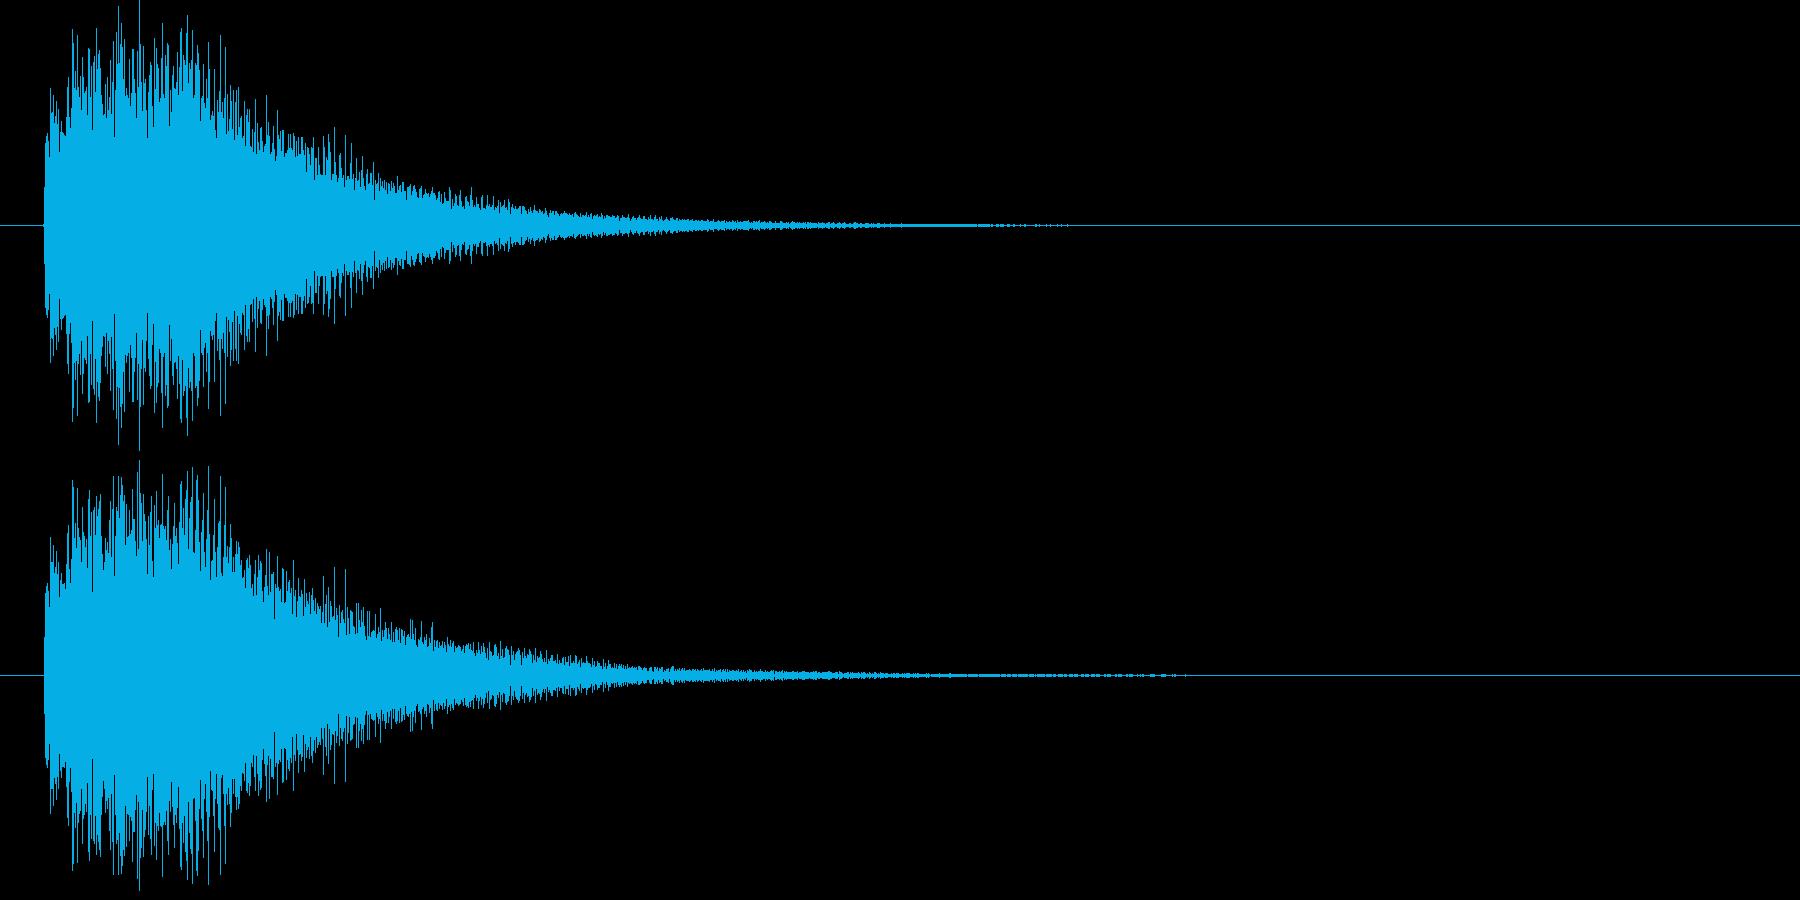 ハープシコード音、正解時などのSEの再生済みの波形